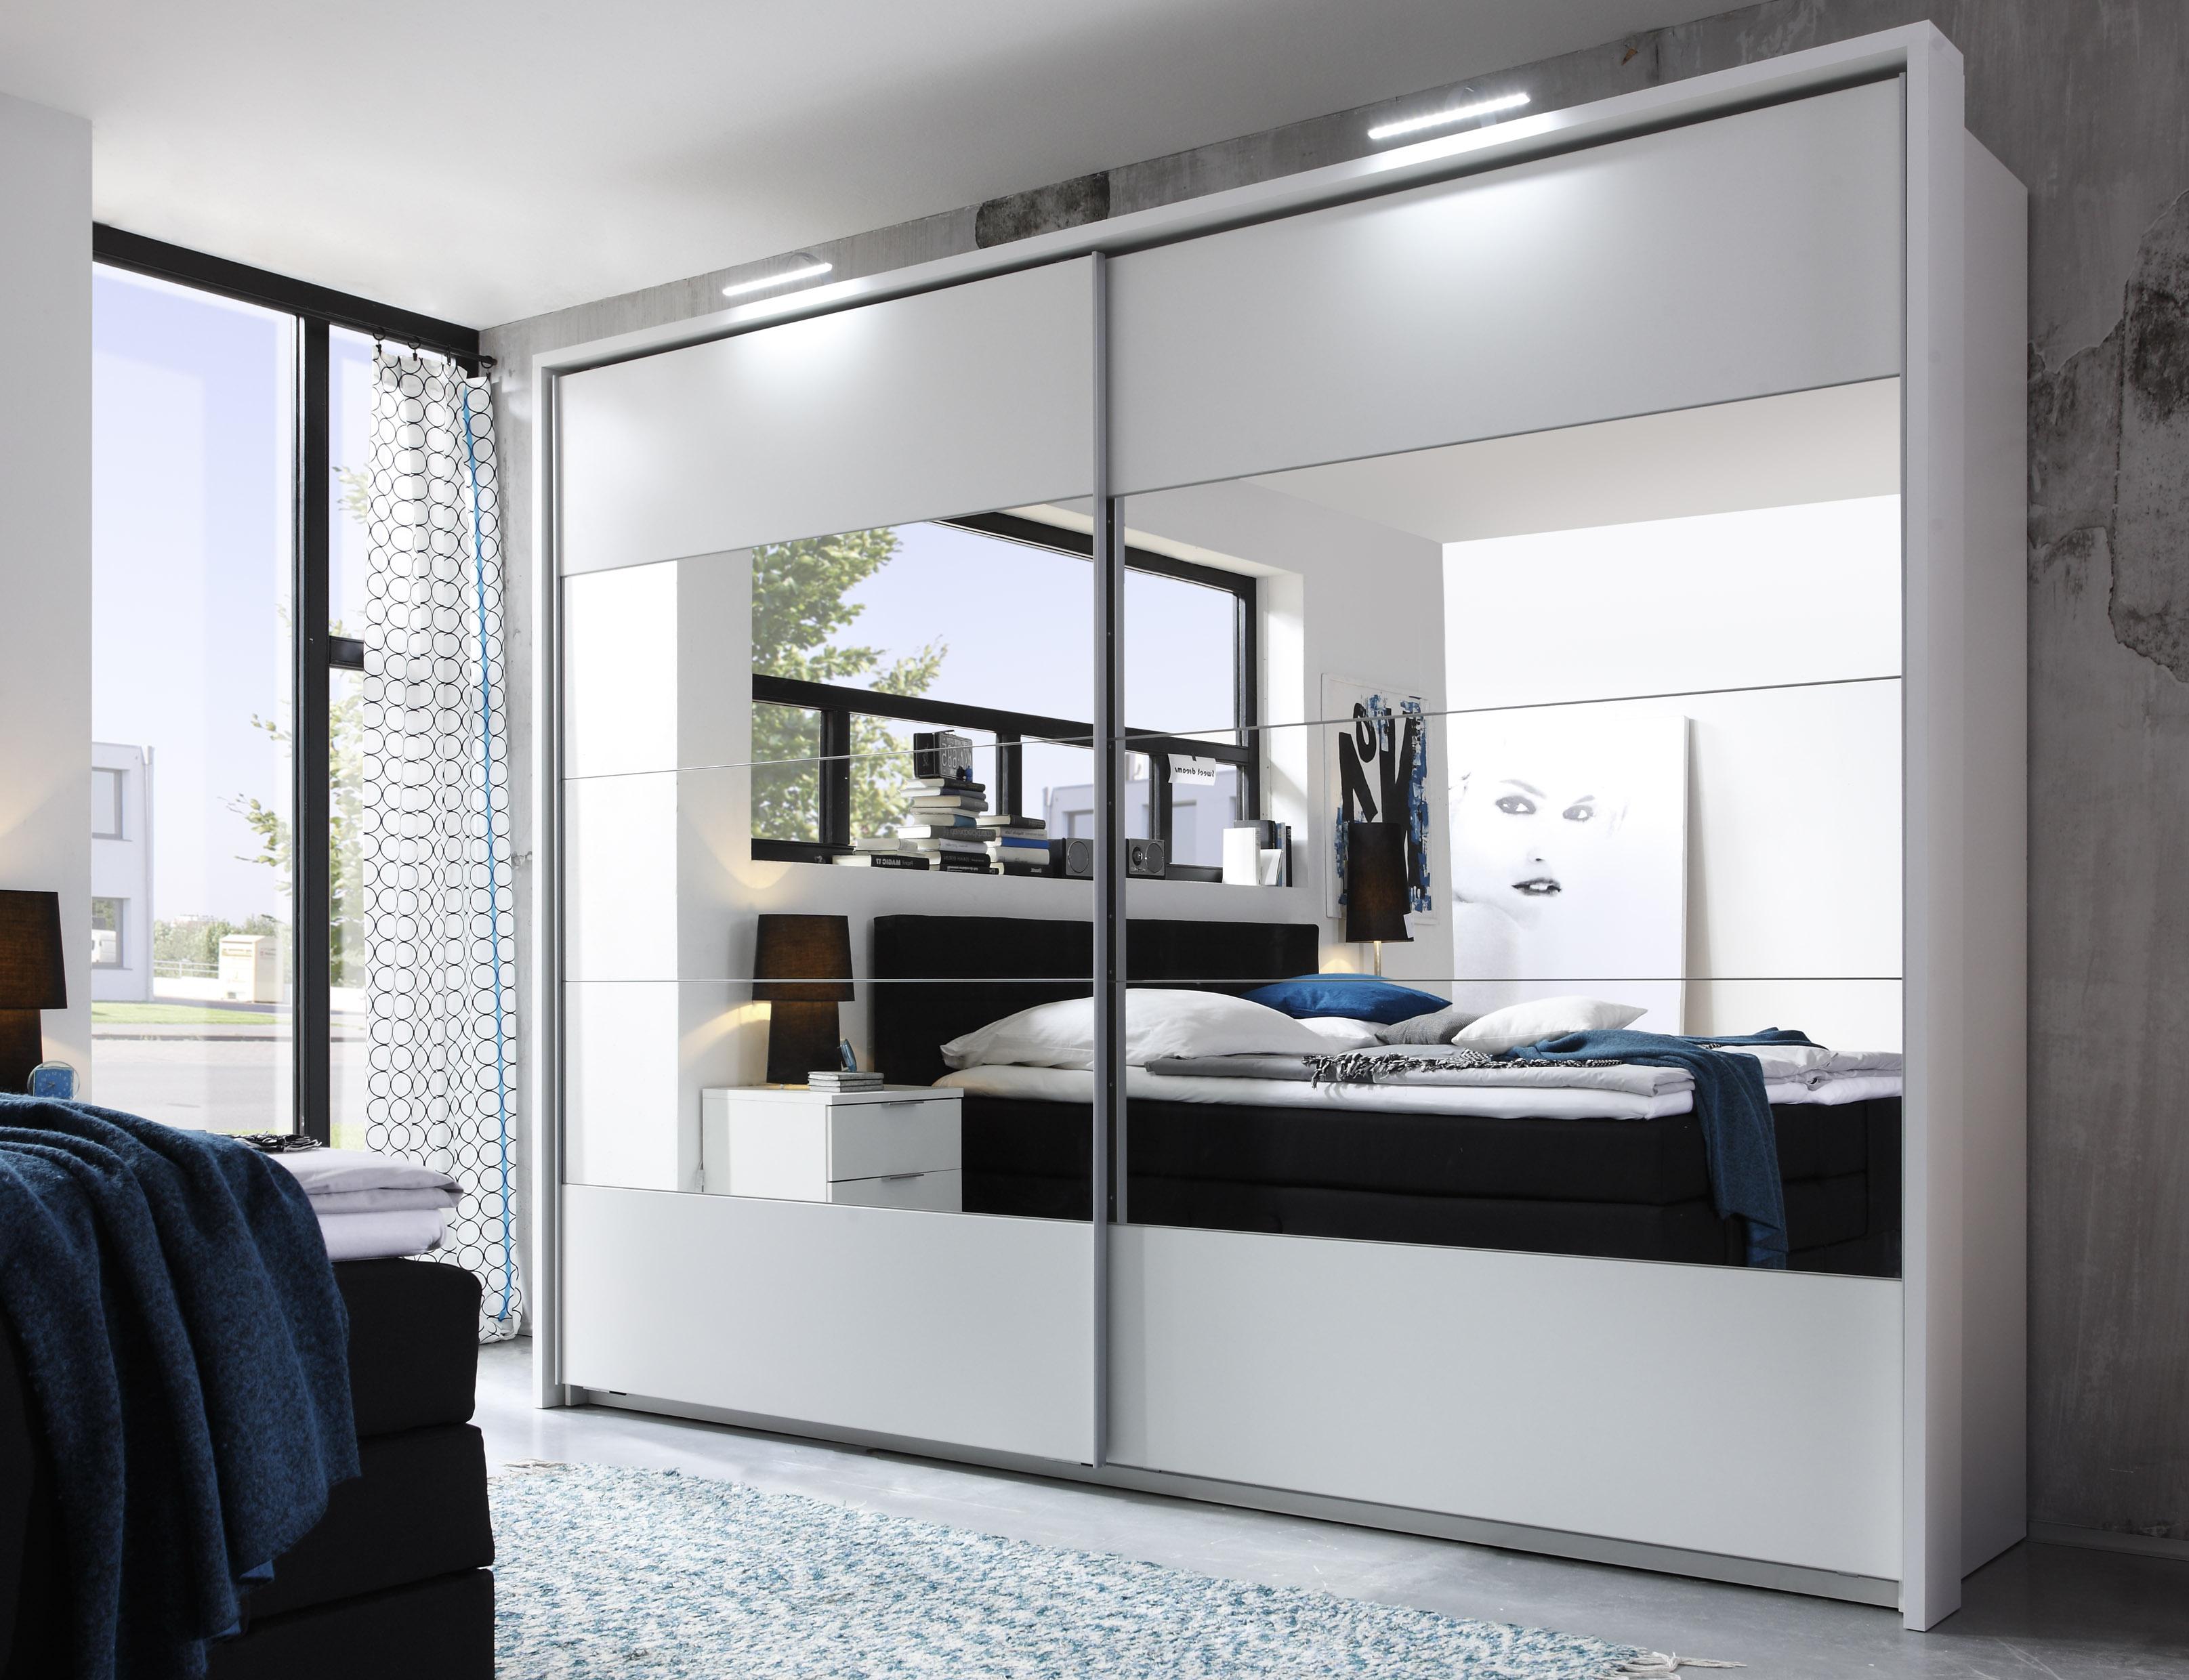 Details zu Schwebetürenschrank PENTA Kleiderschrank Schrank Schlafzimmer  weiß Rahmen, LED